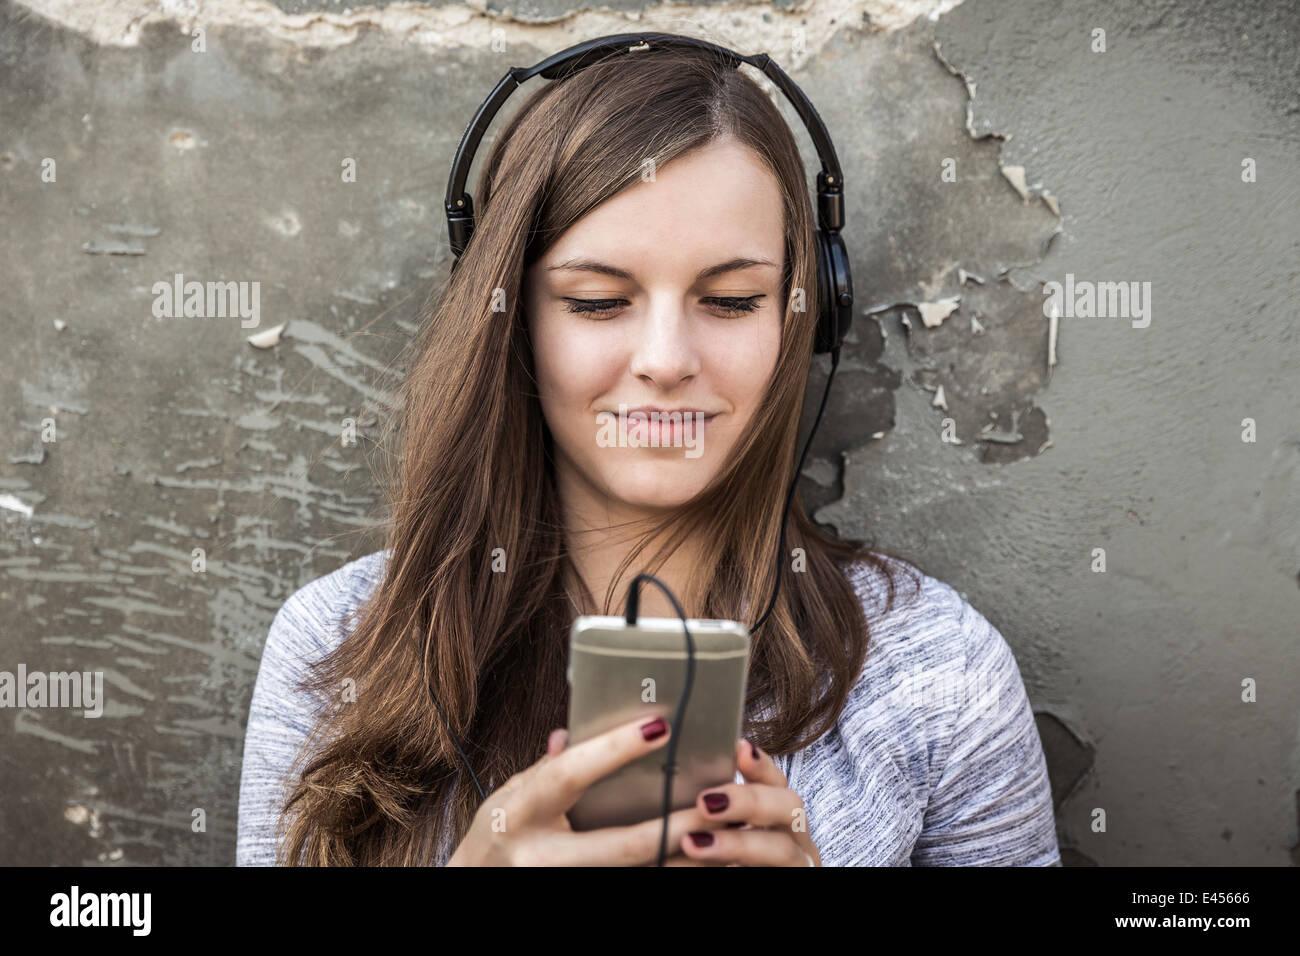 Ragazza adolescente ascoltare musica sullo smartphone Immagini Stock